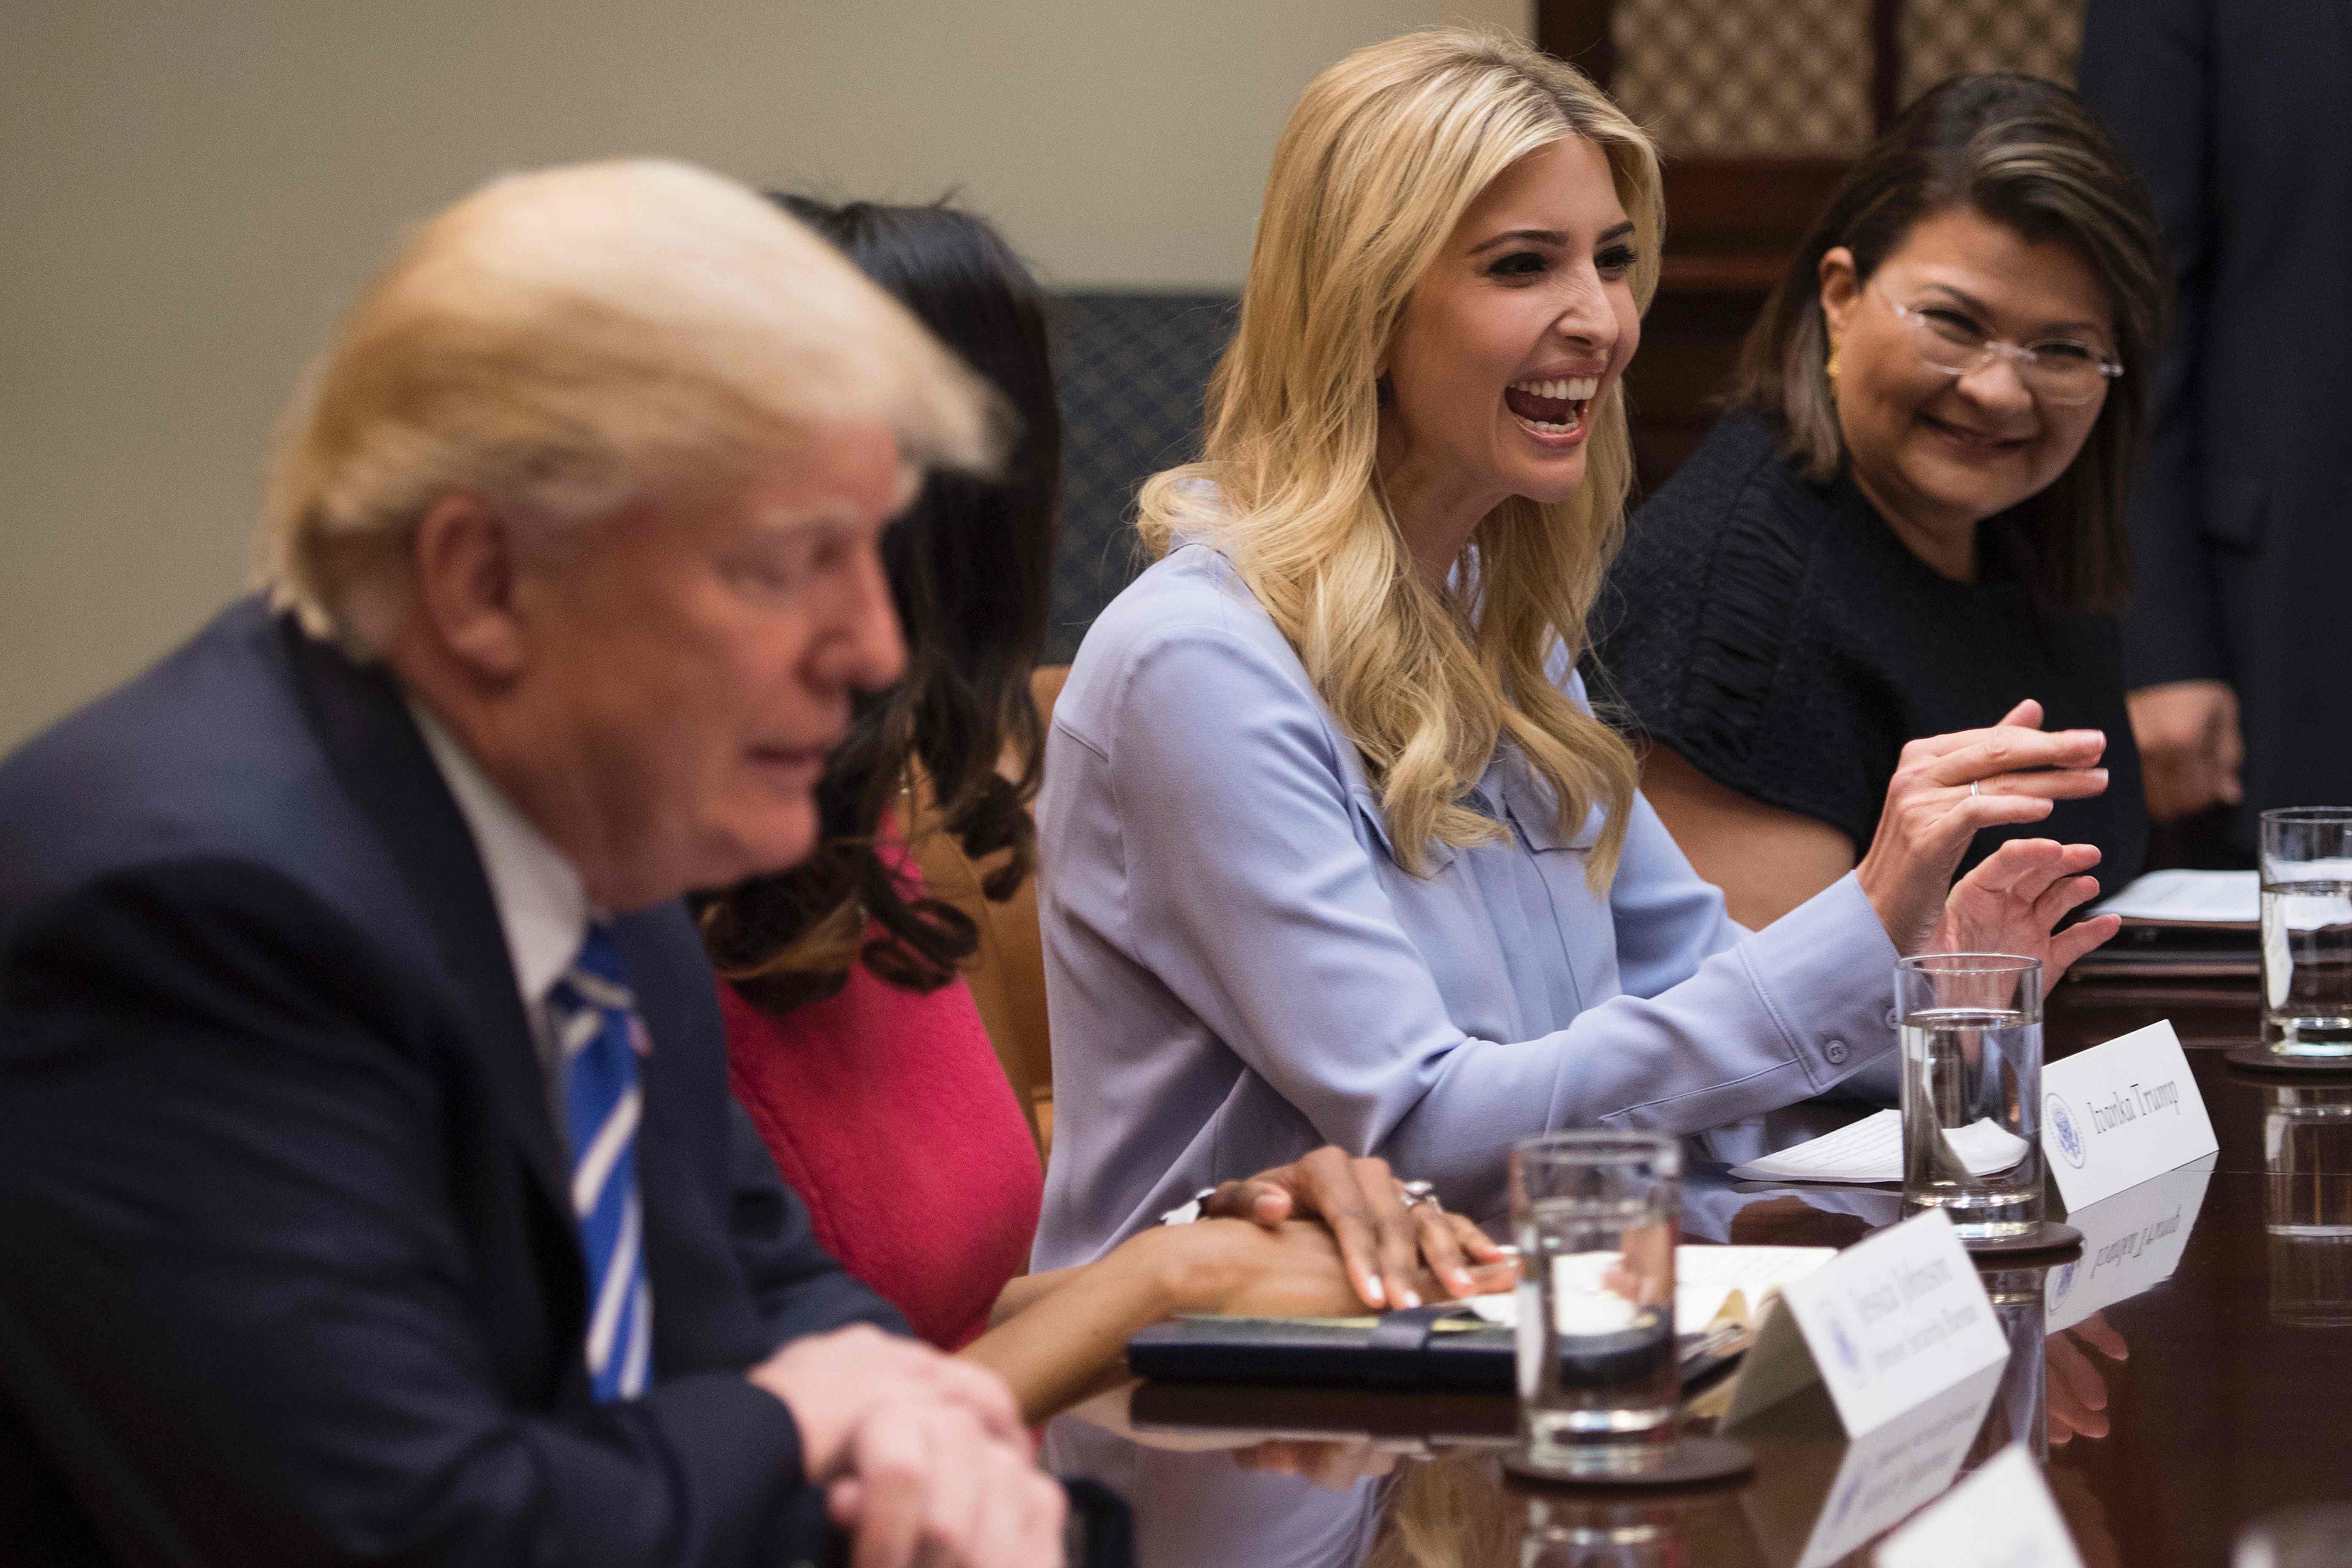 اجتماع ترامب بالنساء  (5)